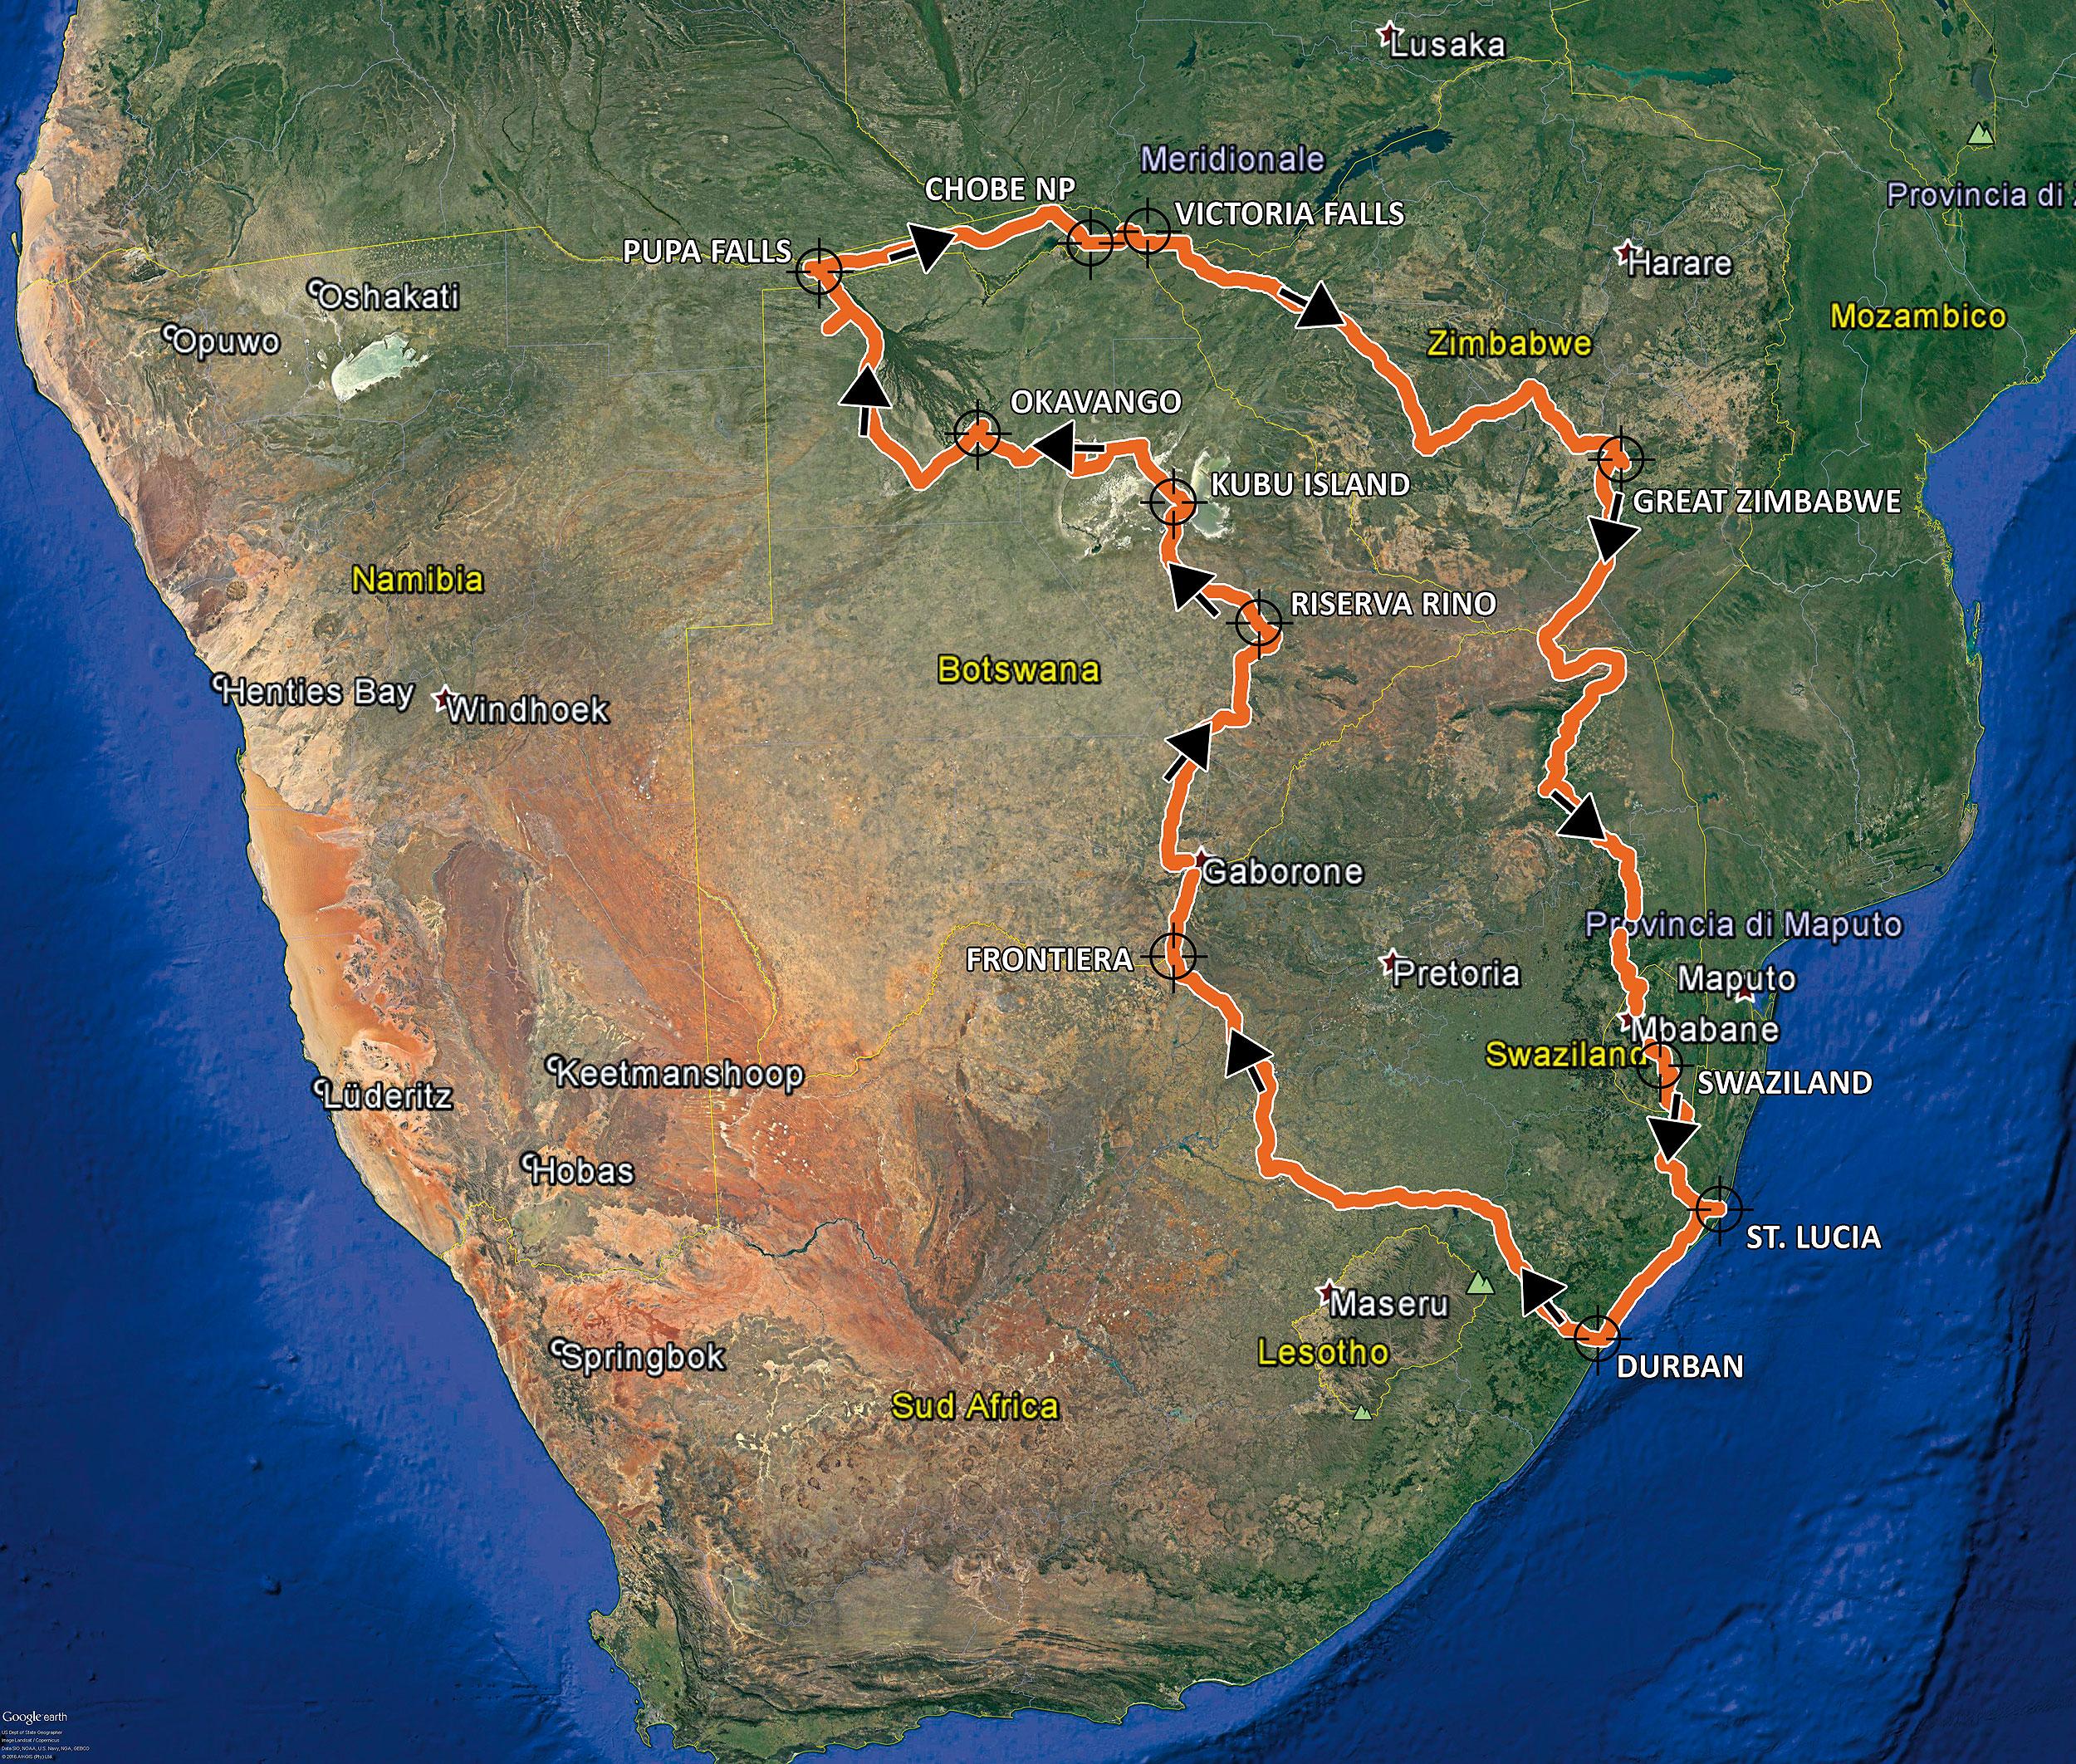 4 Paesi attraversati, 3 parchi nazionali, 28 giorni di viaggio, 6000 Km